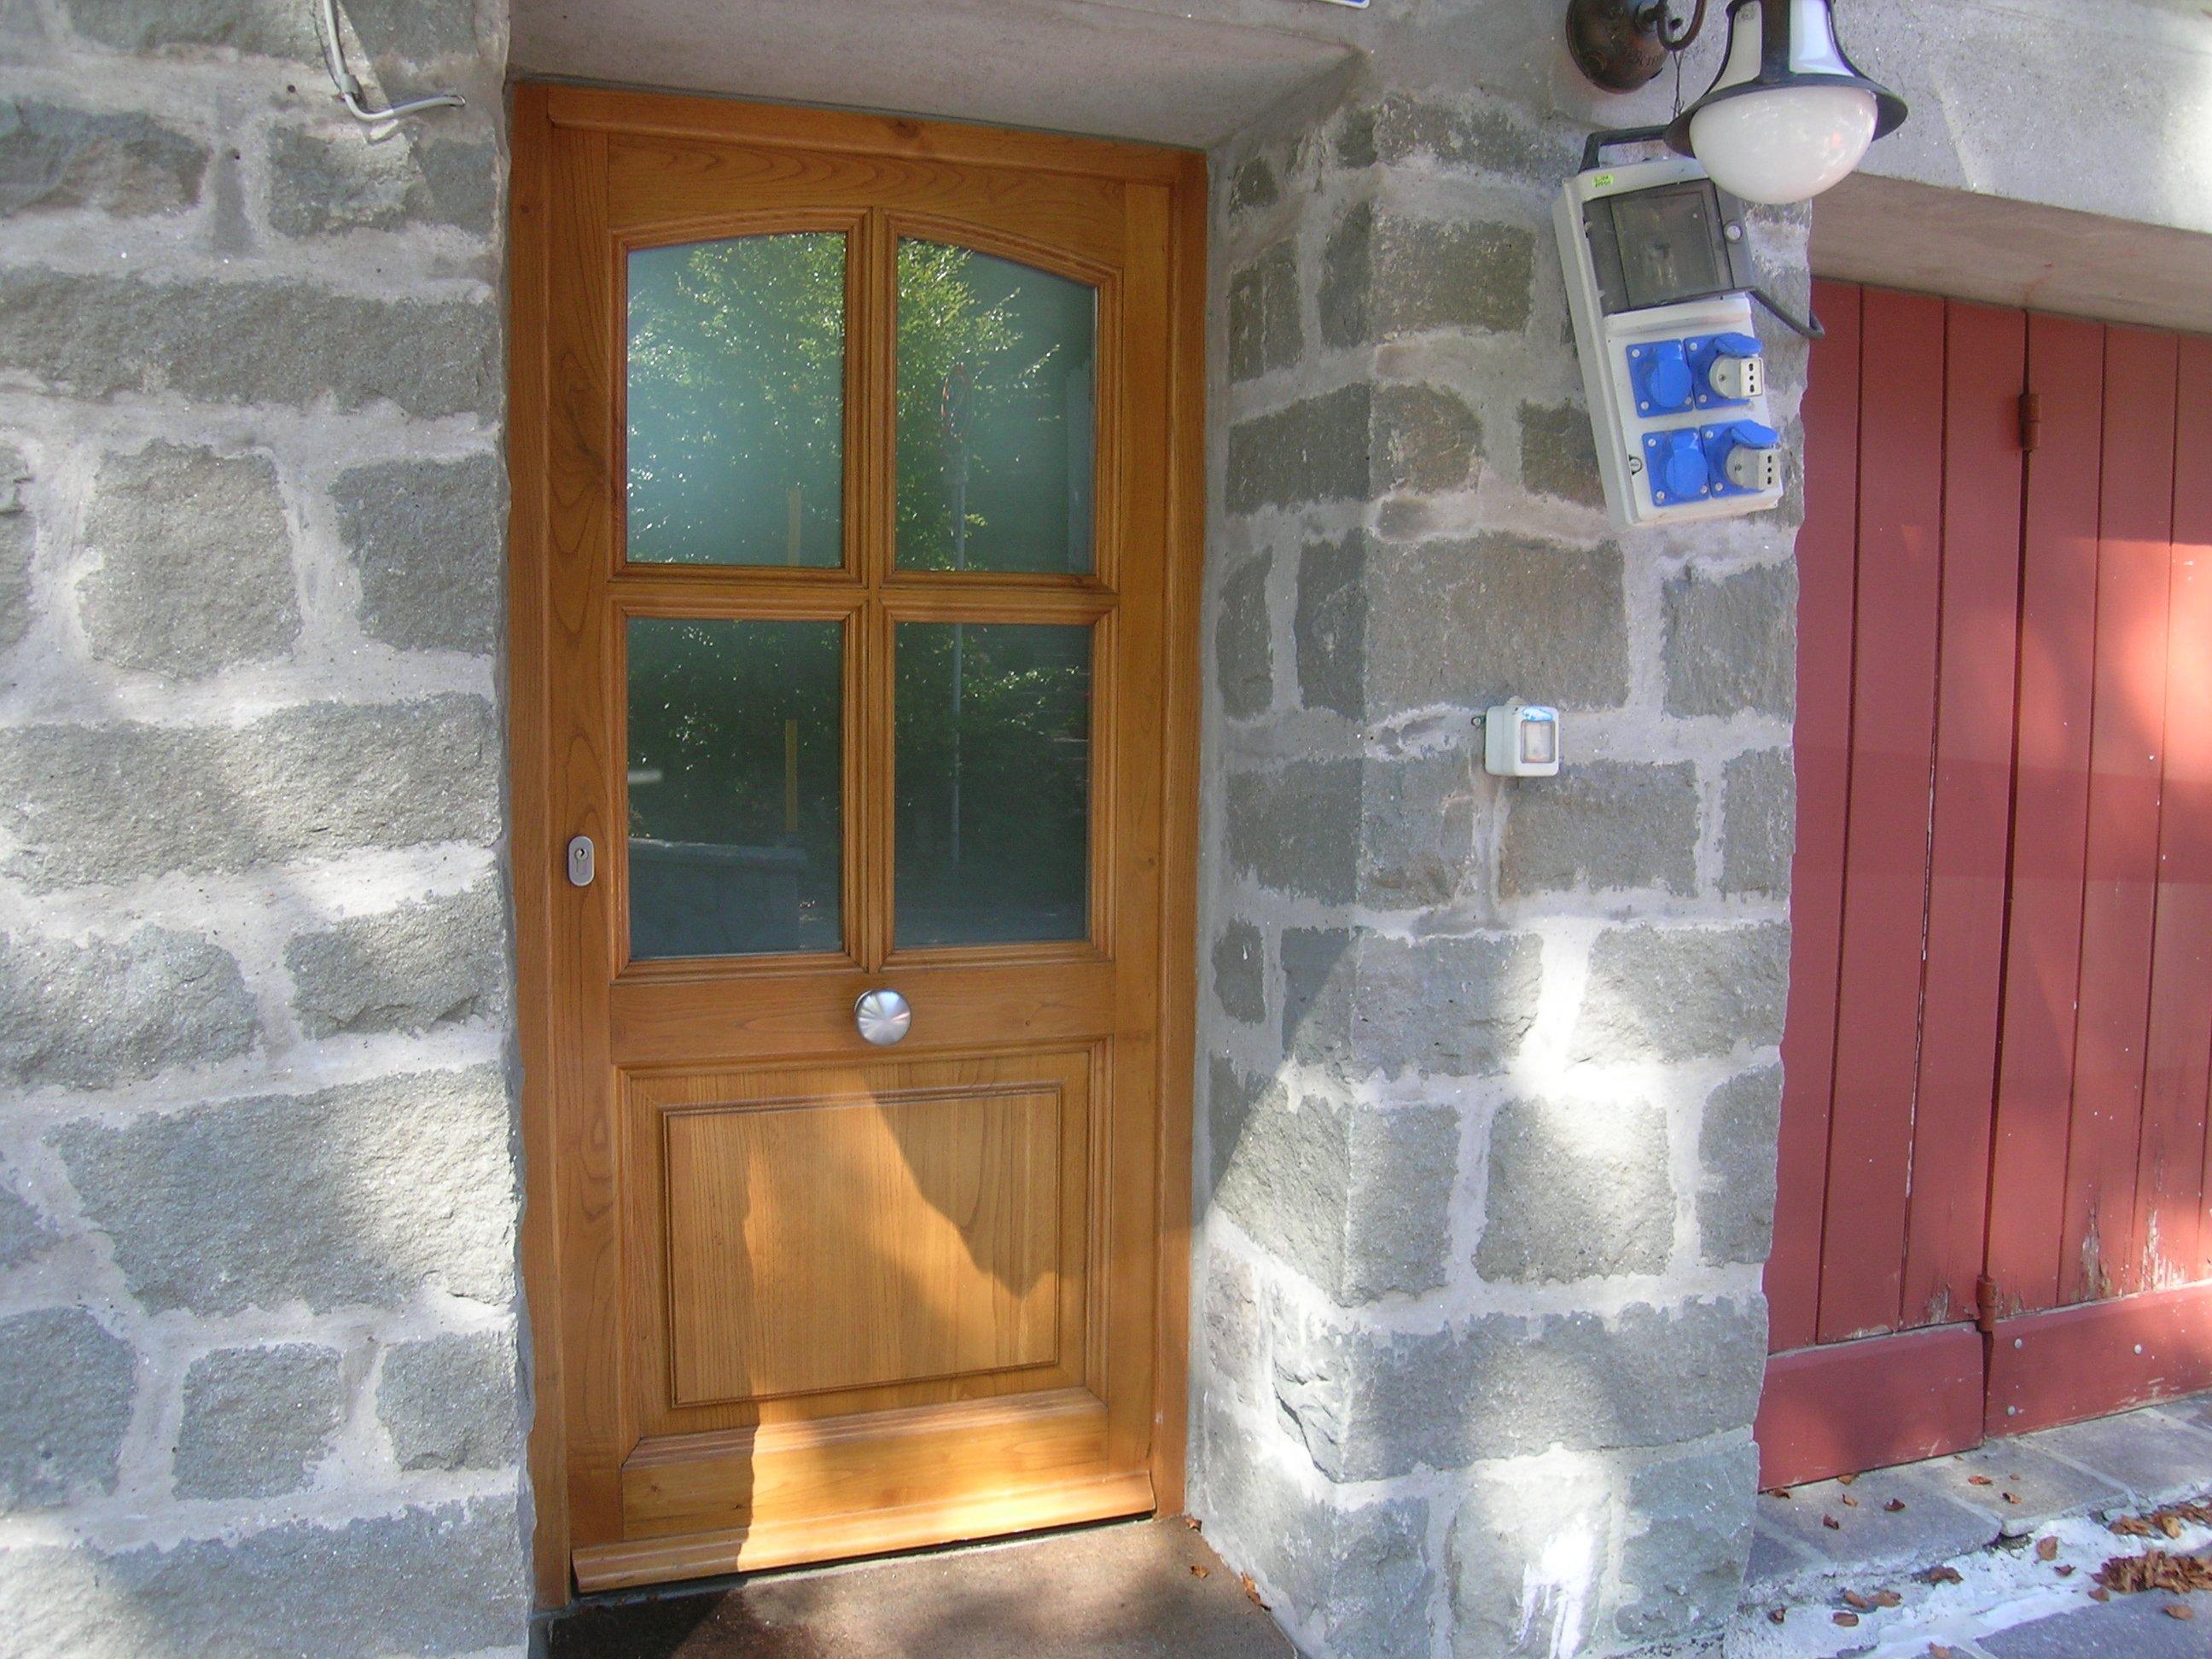 vista esterna di una finestra in legno e vetro